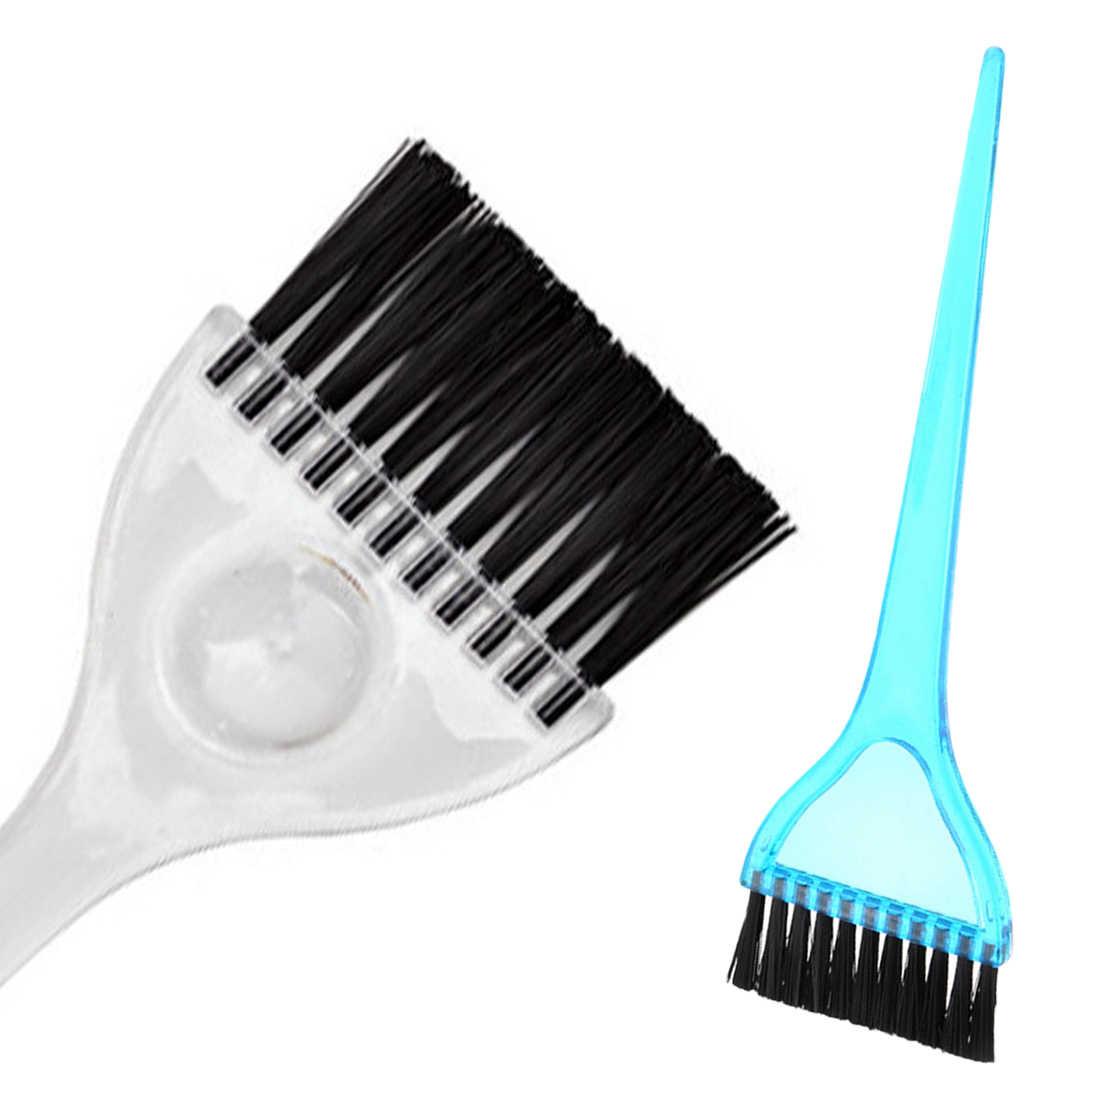 Расческа для волос, расческа для окрашивания волос, отбеливающий оттенок, нанесение на волосы, цветной гребень для укладки, Парикмахерская, инструмент для вышивания